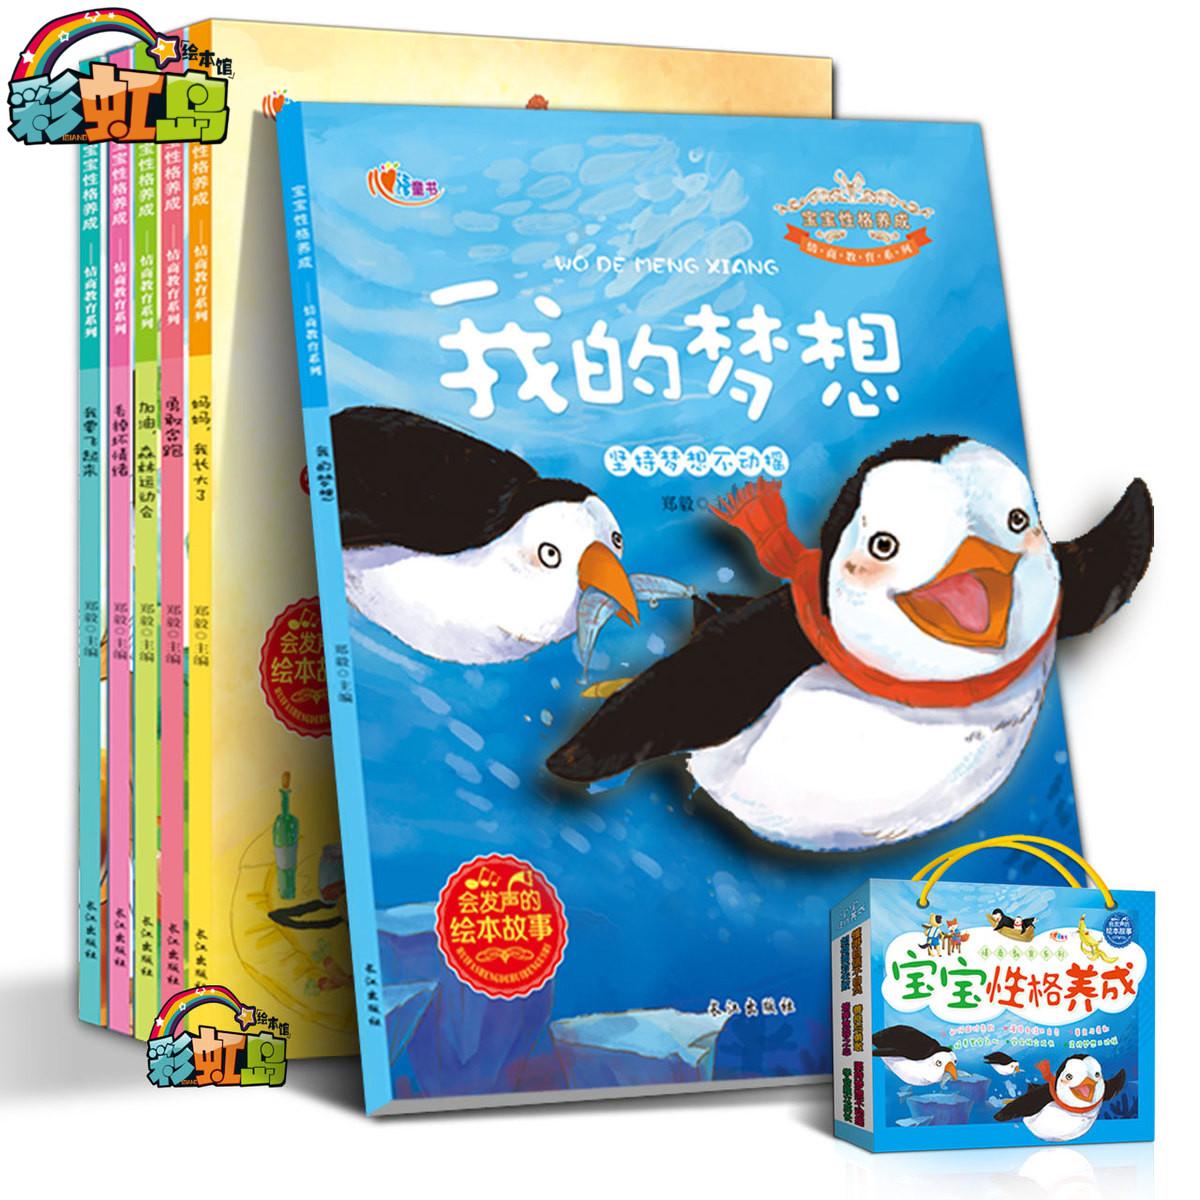 《儿童情绪管理性格养成绘本》全6册